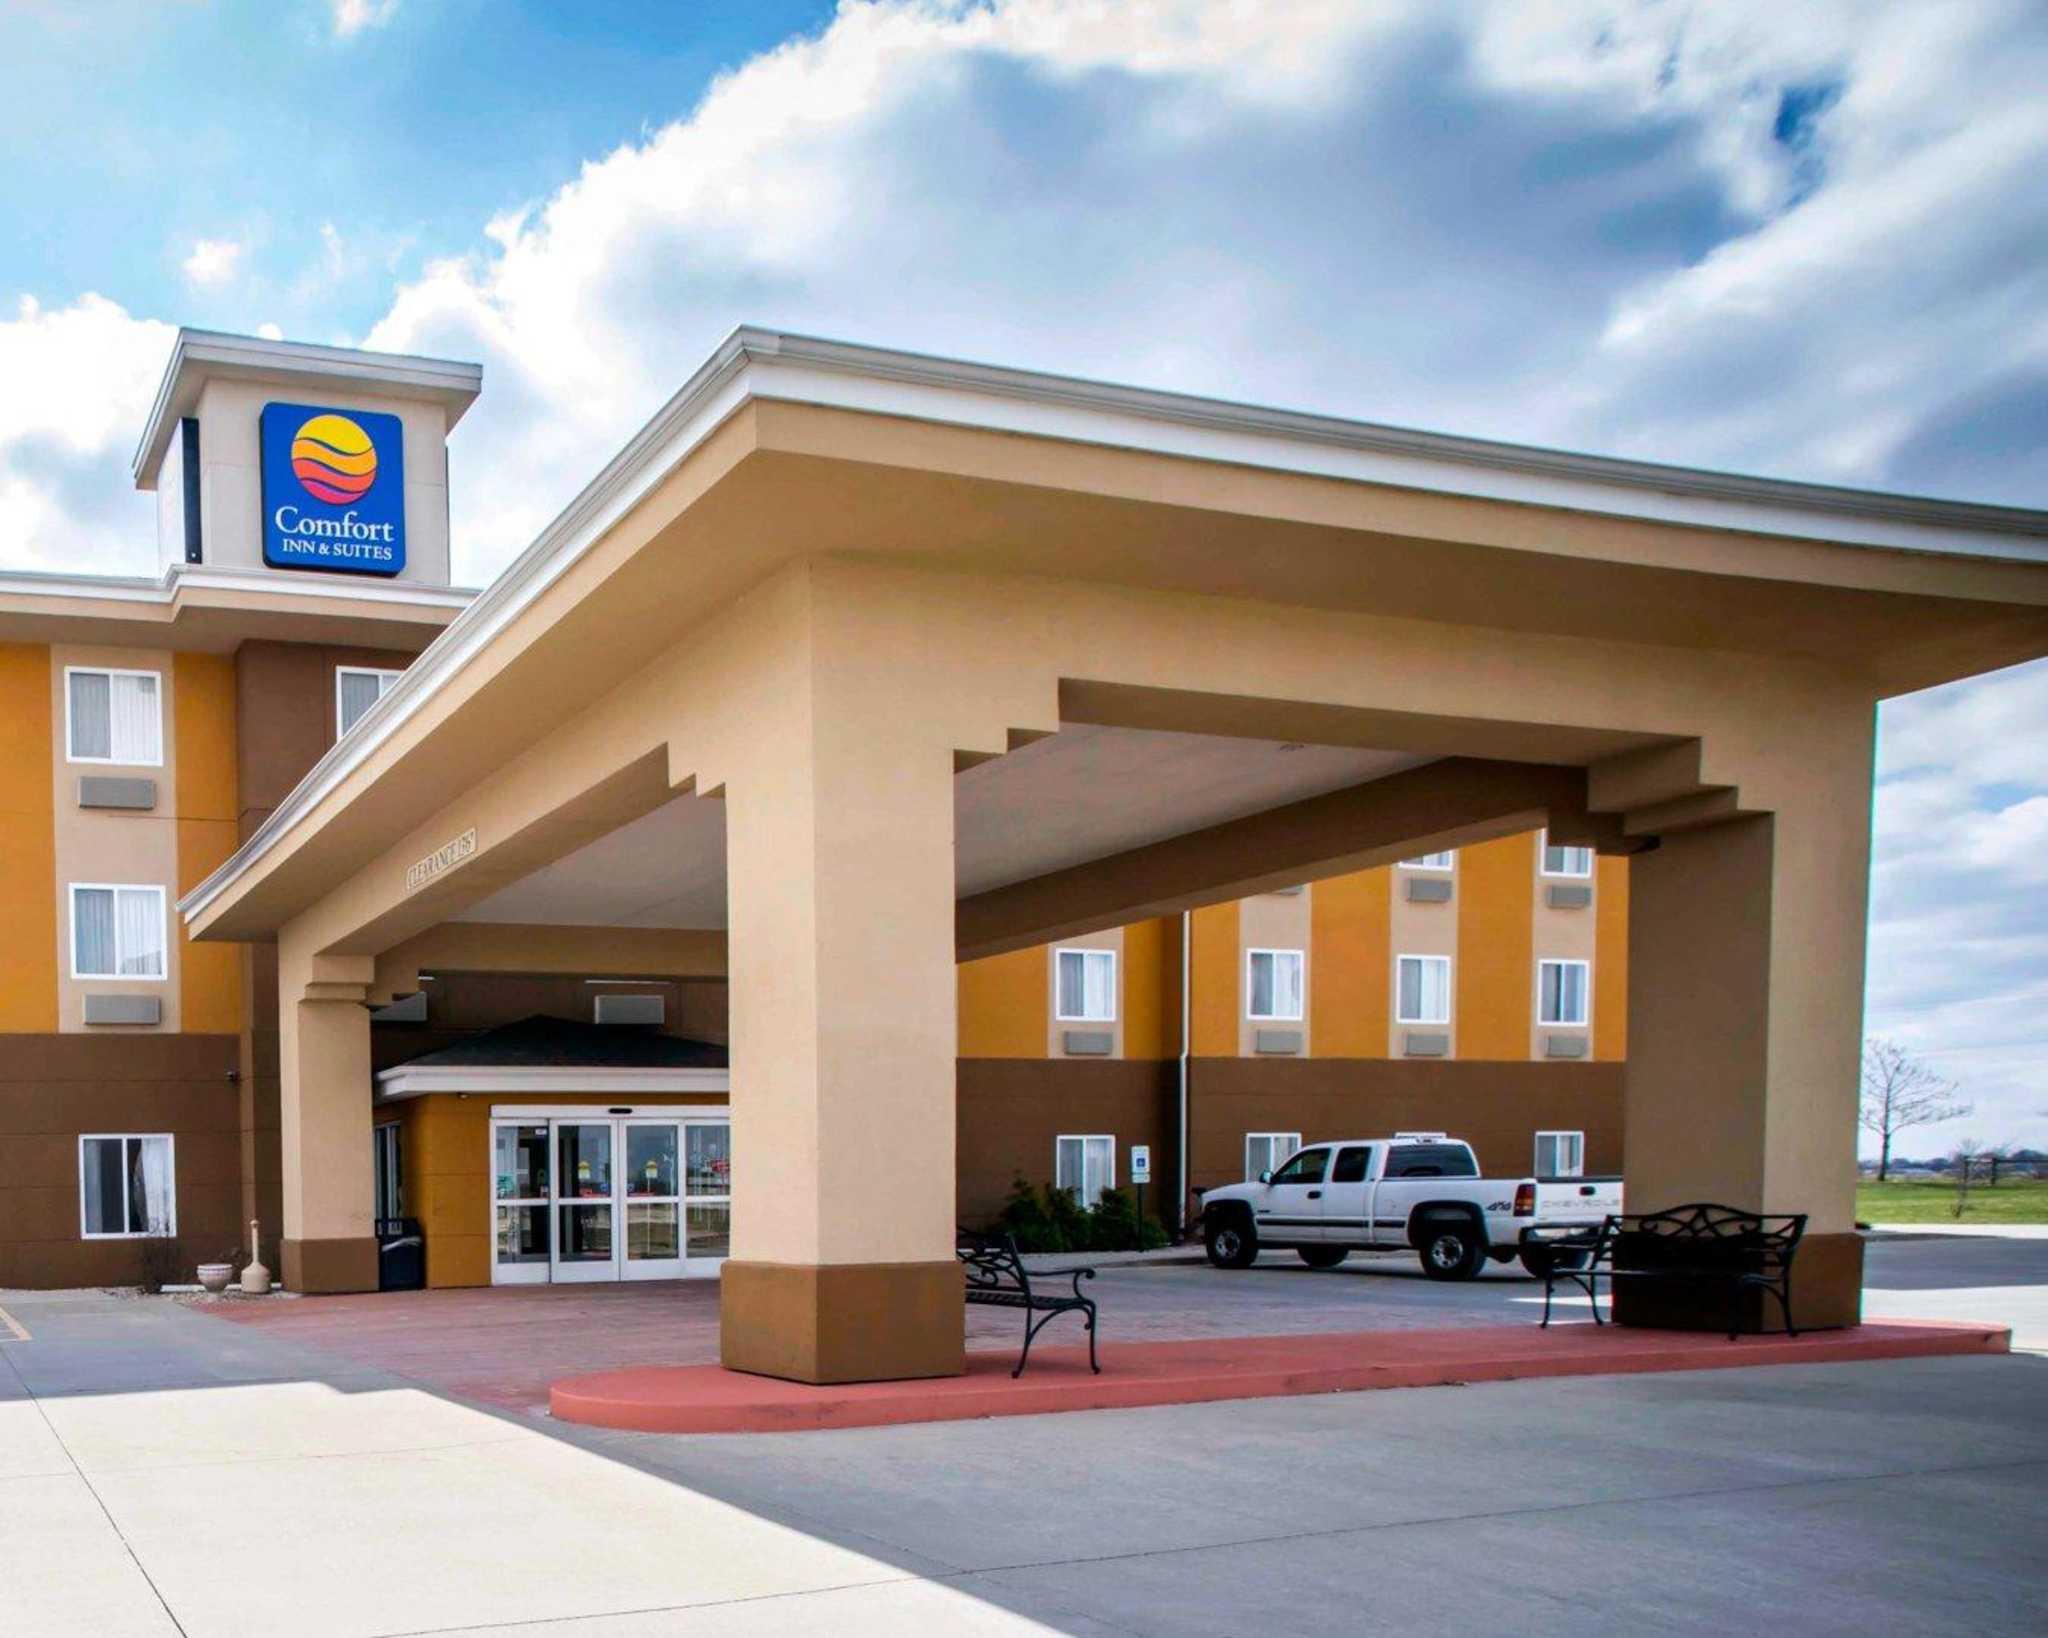 Comfort Inn & Suites Greenville I-70 image 1